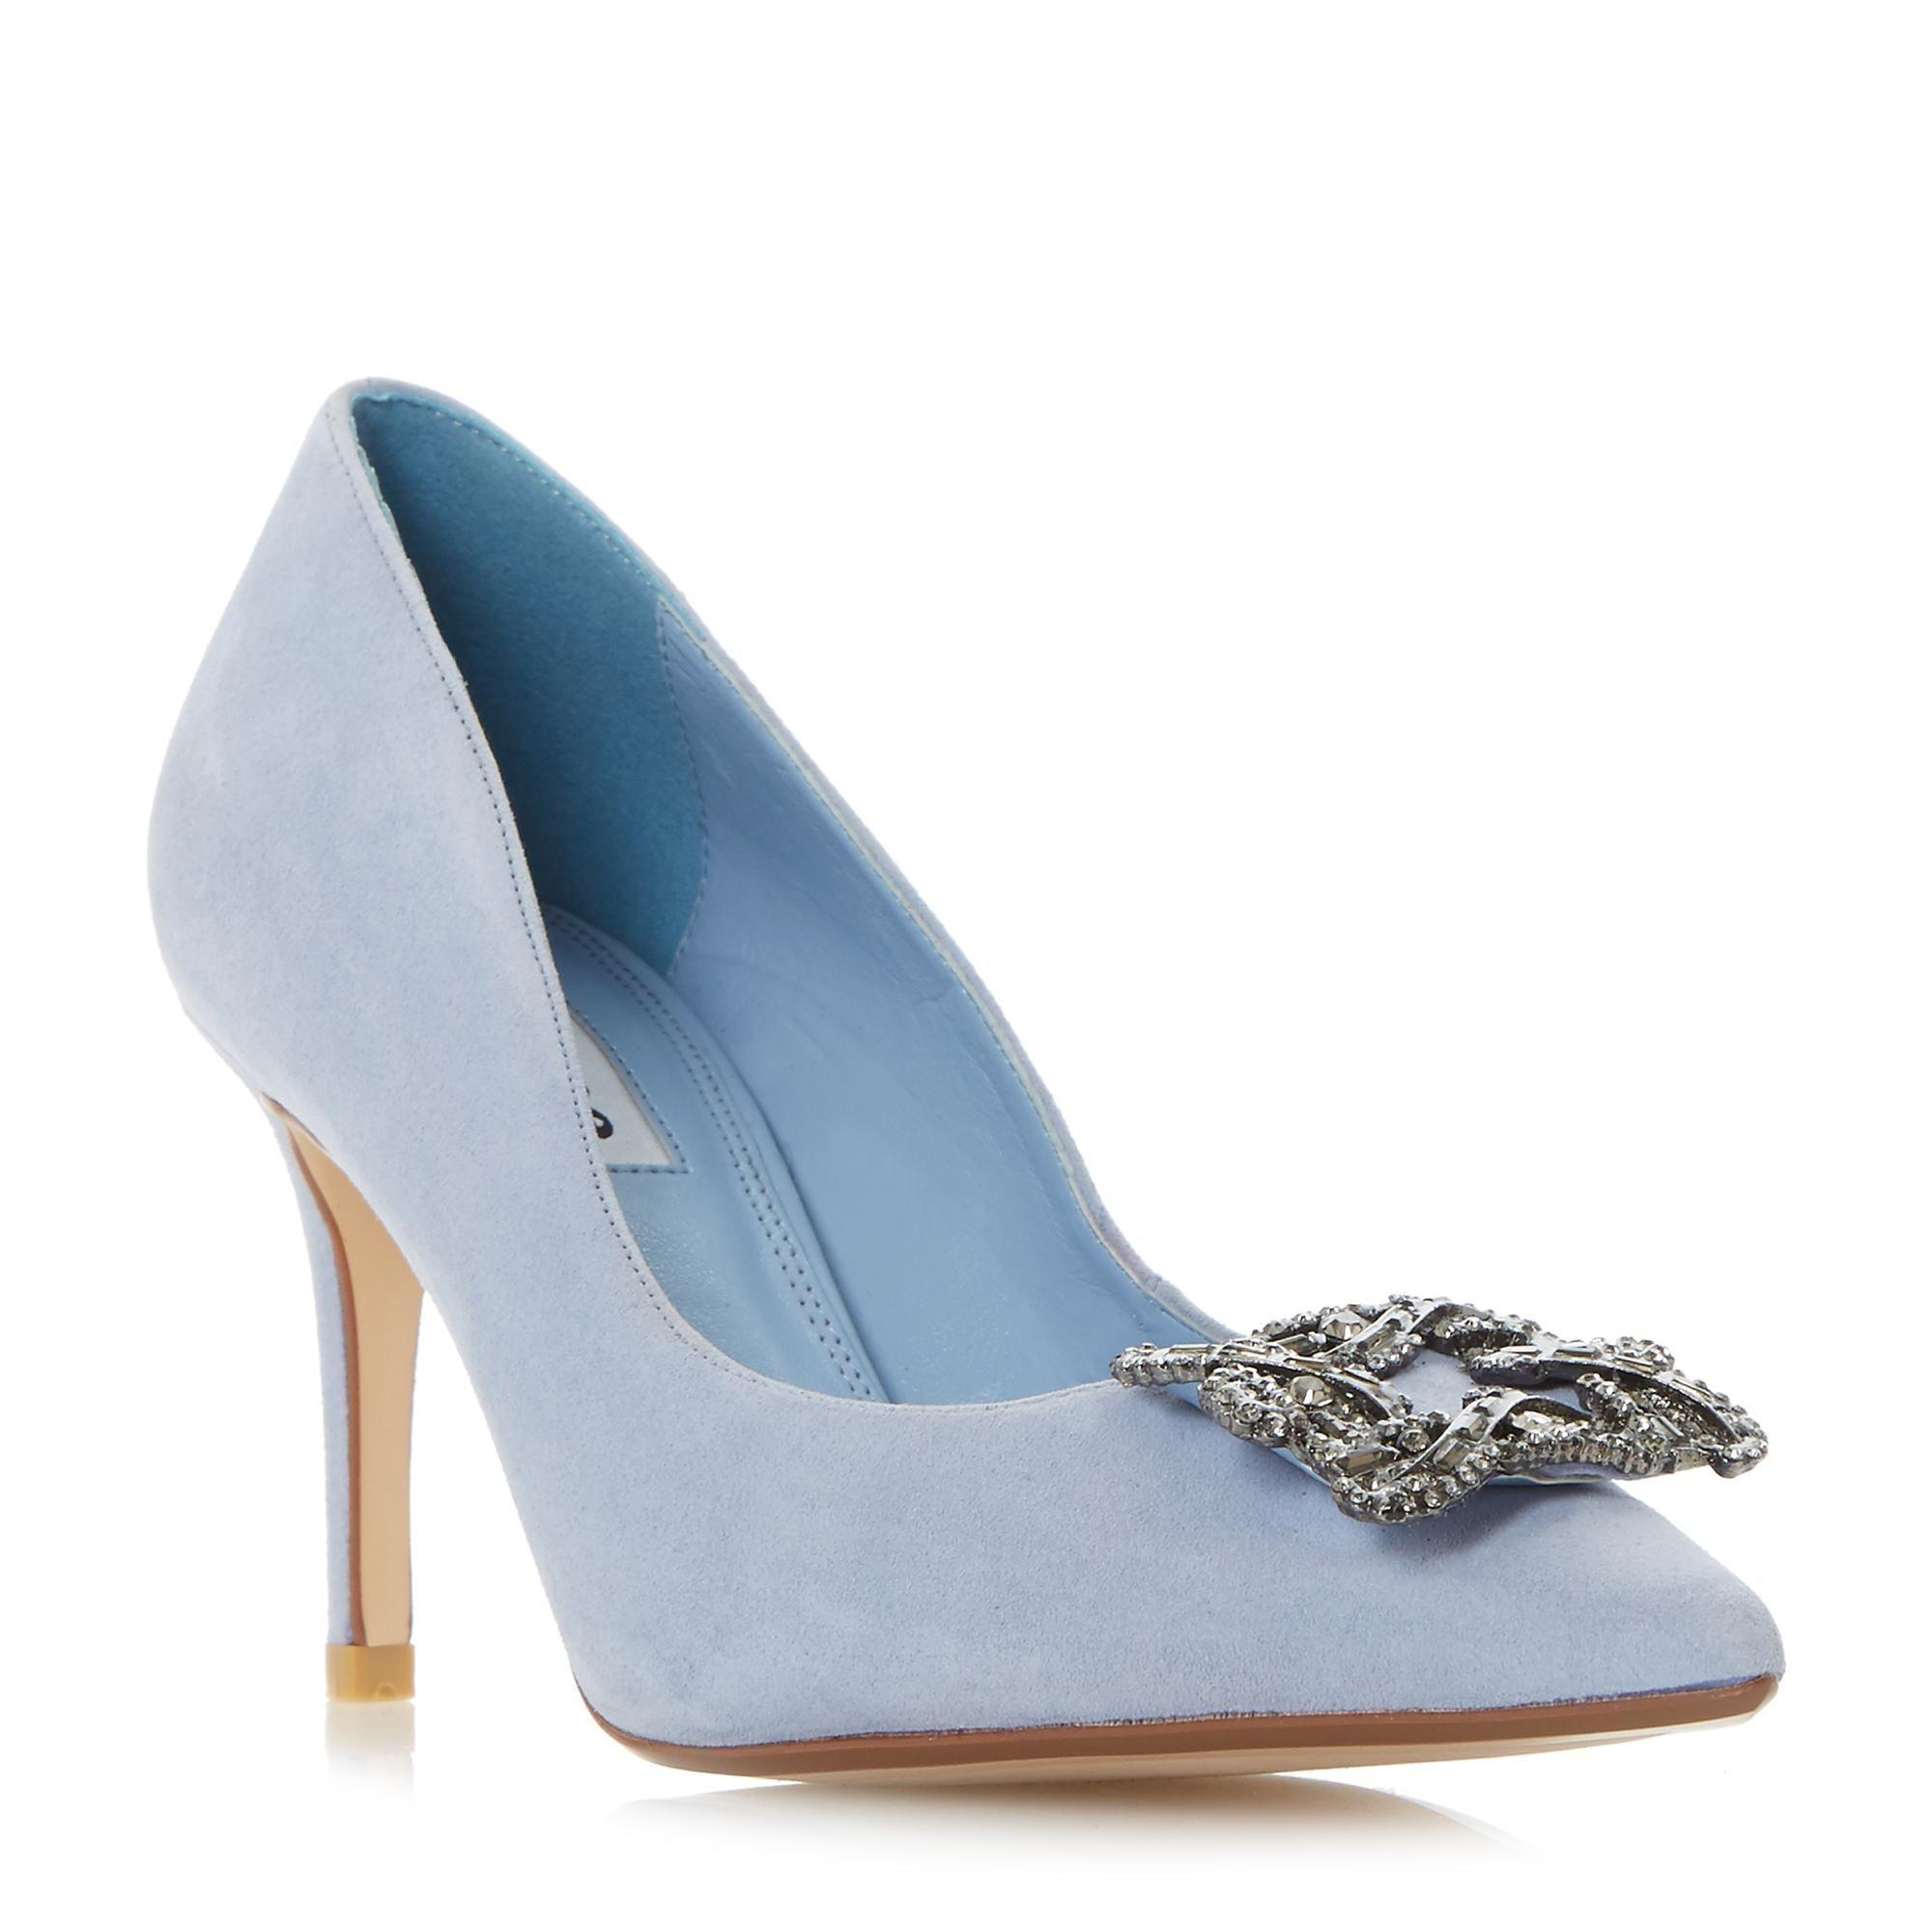 BETTI - Jewelled Brooch Detail Mid Heel Court Shoe